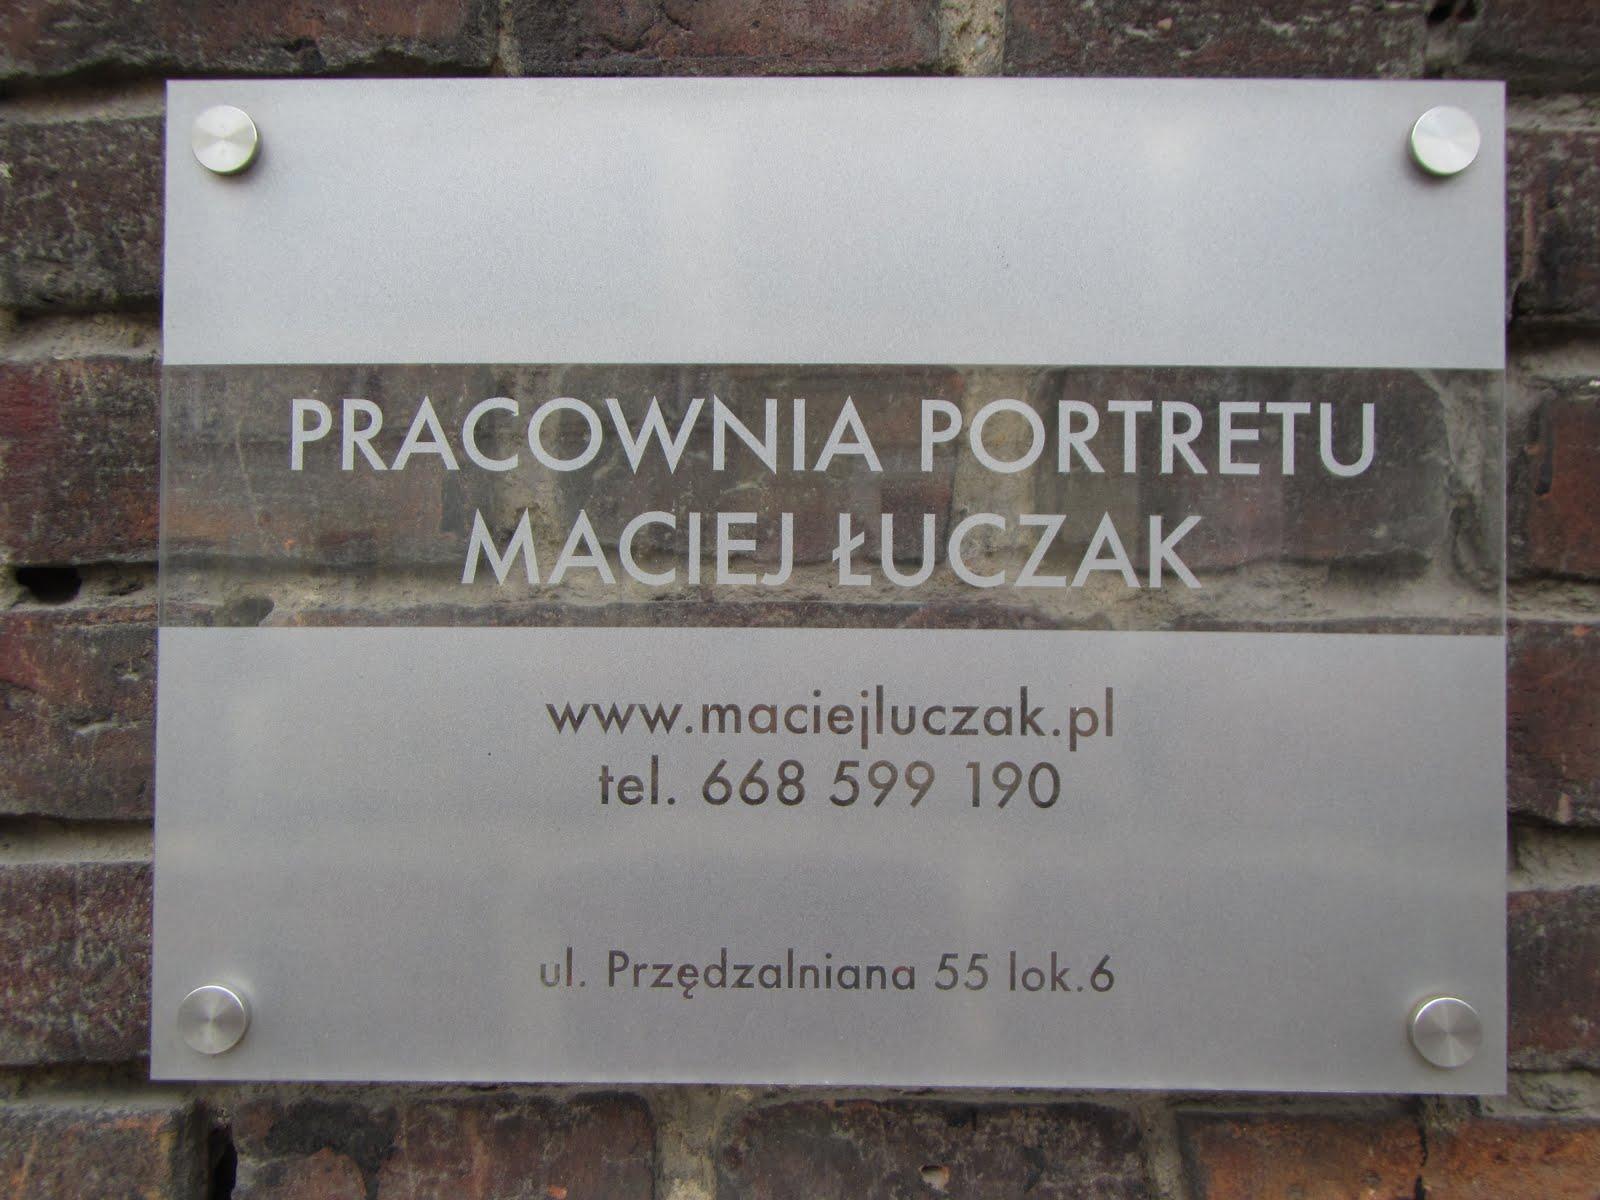 www.pracowniaportretu.com